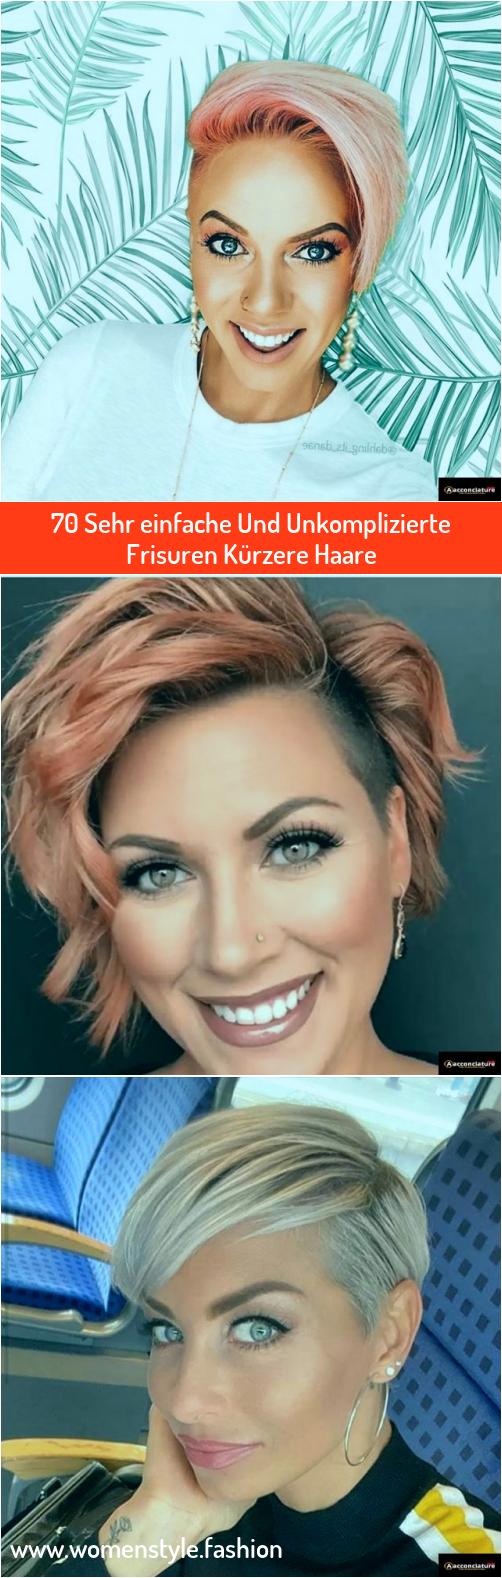 70 Sehr Einfache Und Unkomplizierte Frisuren Kurzere Haare In 2020 Frisuren Kurzhaar Frisuren Kurz Frisuren